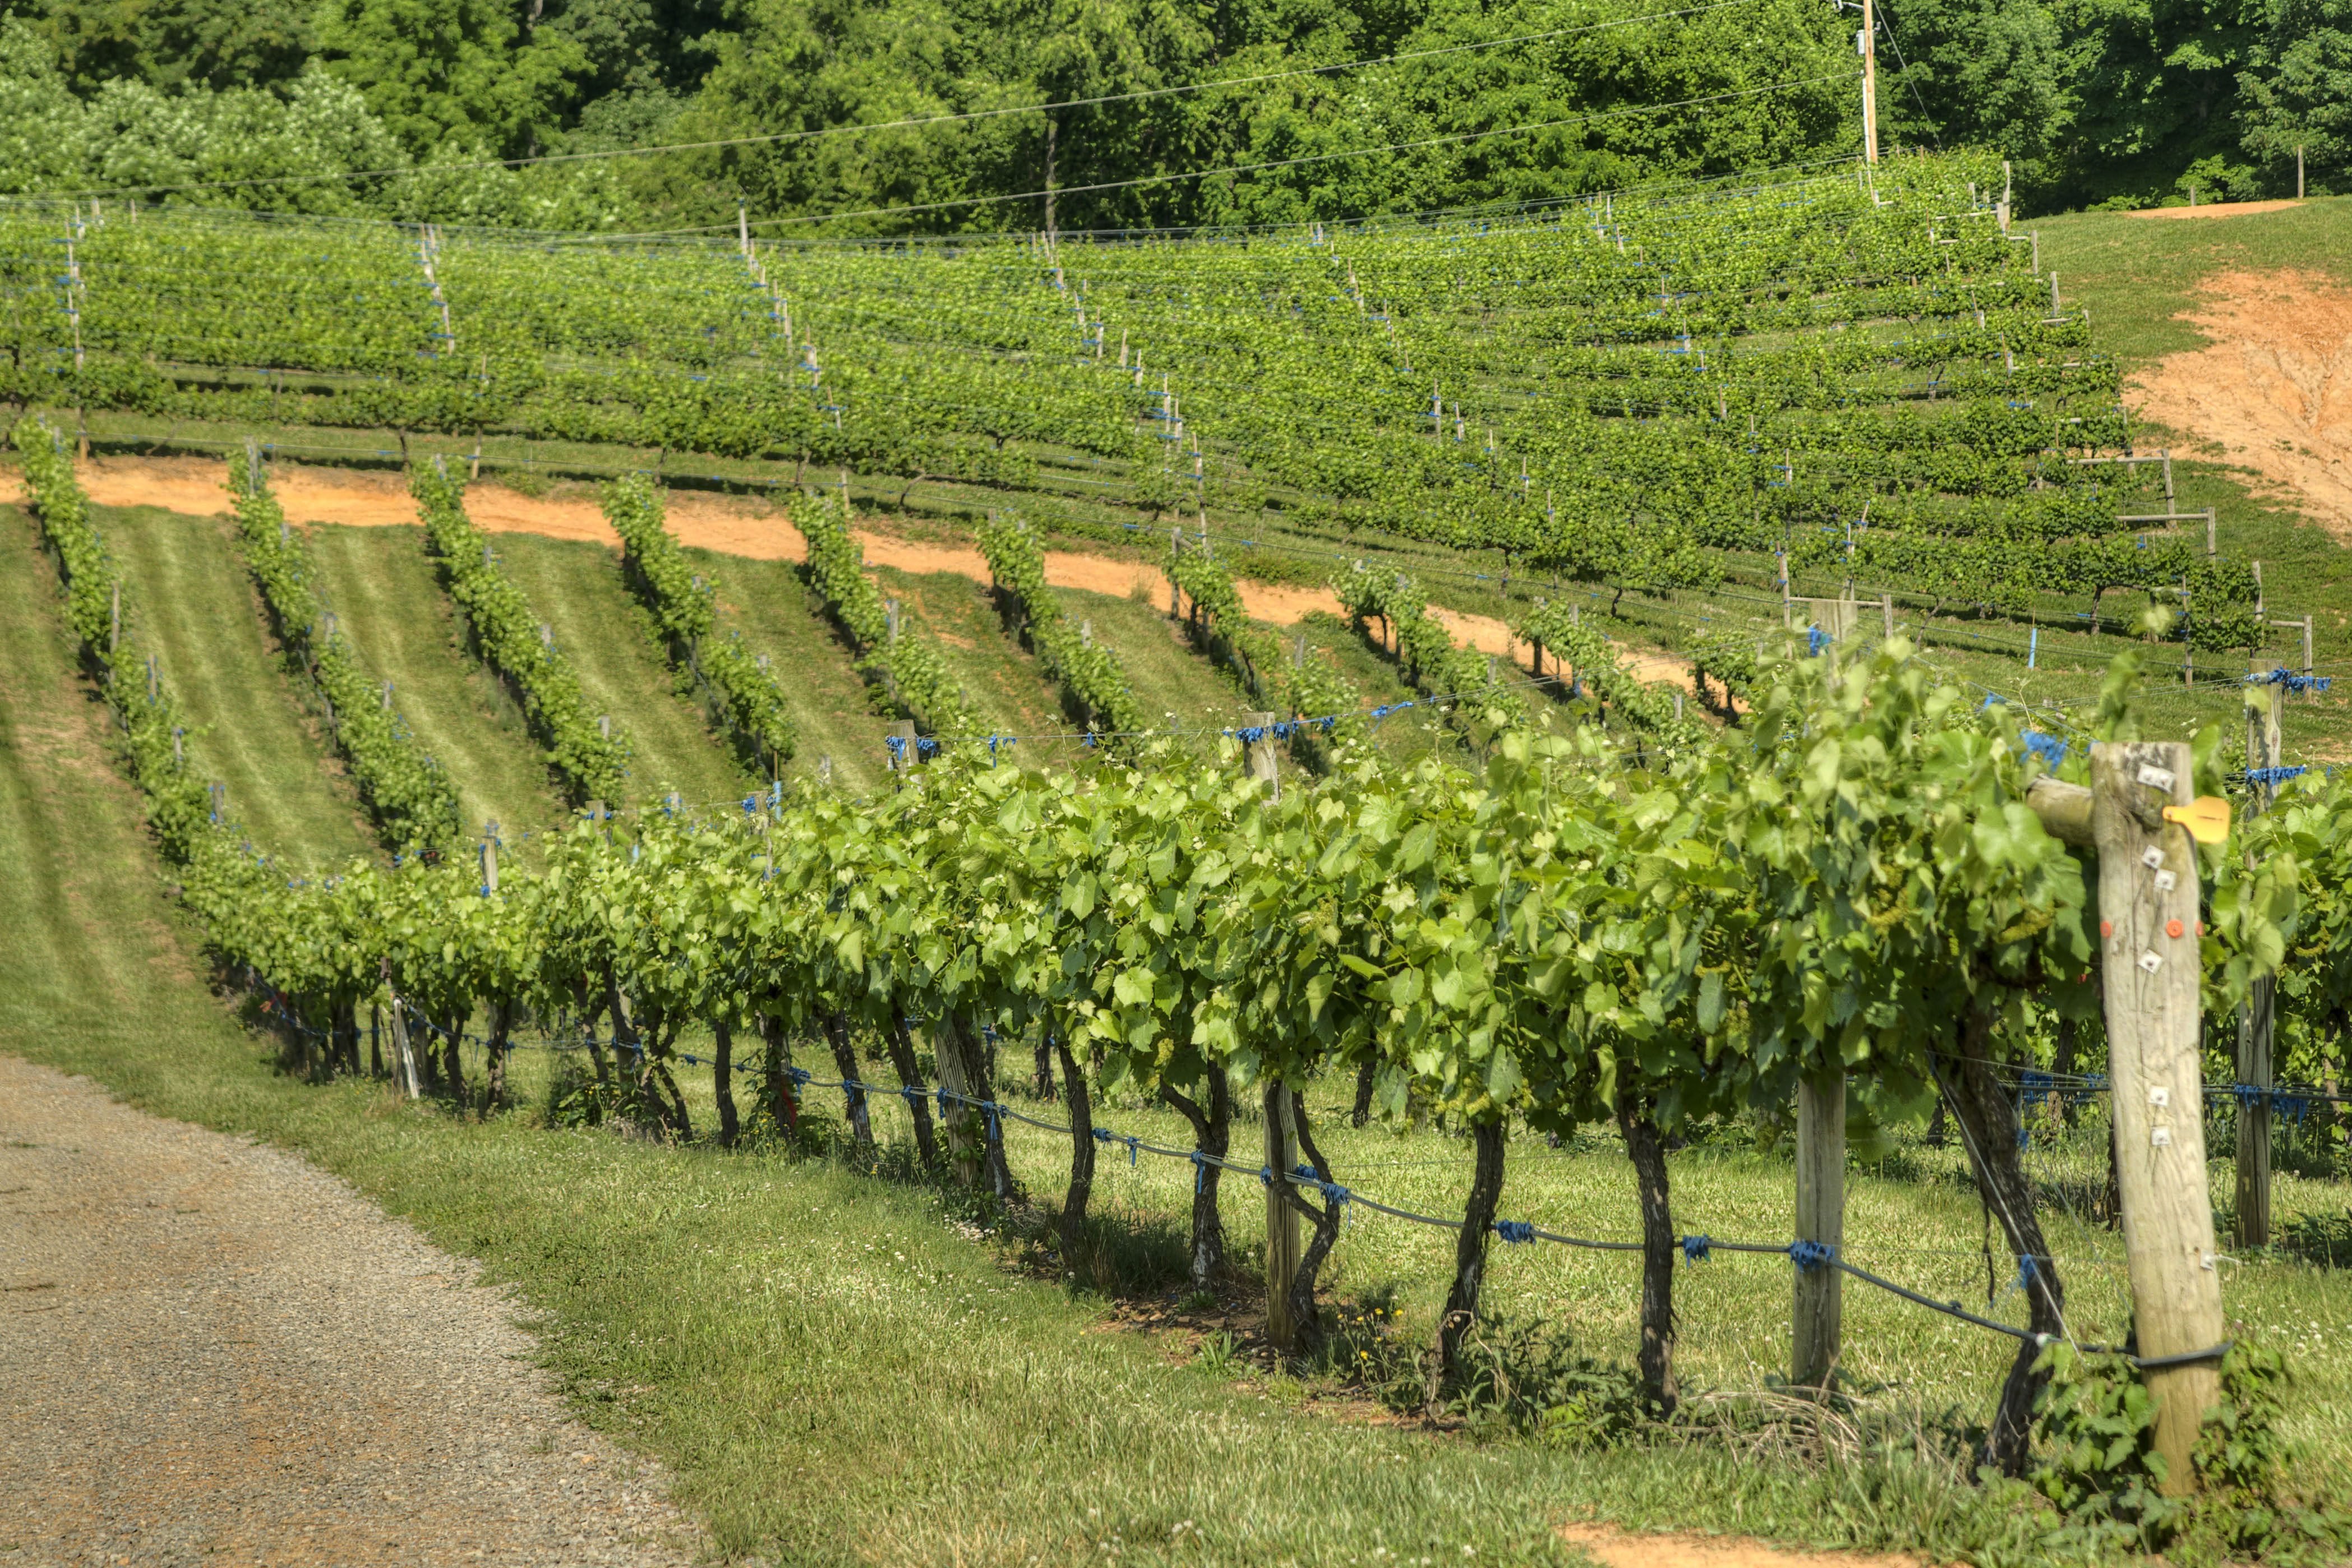 Abingdon Vineyard and Winery in Abingdon, VA